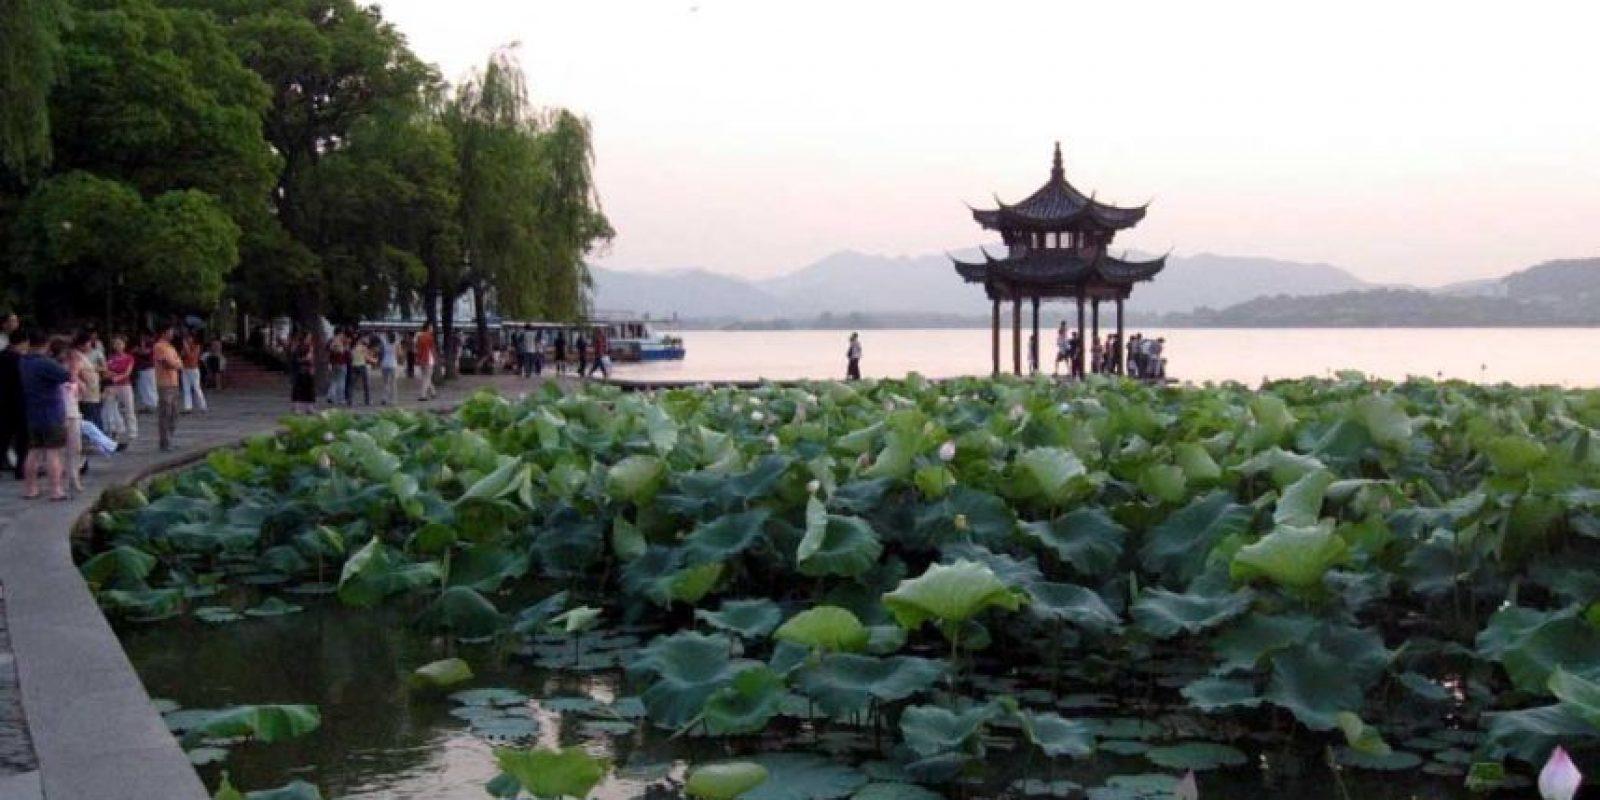 Hangzhou, China. Un retiro vacacional para los turistas chinos, que como las flores de durazno en sus jardines comienza a florecer en la escena internacional. Sus paisajes, dignos de ser considerados Patrimonio Cultural de la UNESCO, cautivarán a cualquier viajero. Foto: FREEIMAGES